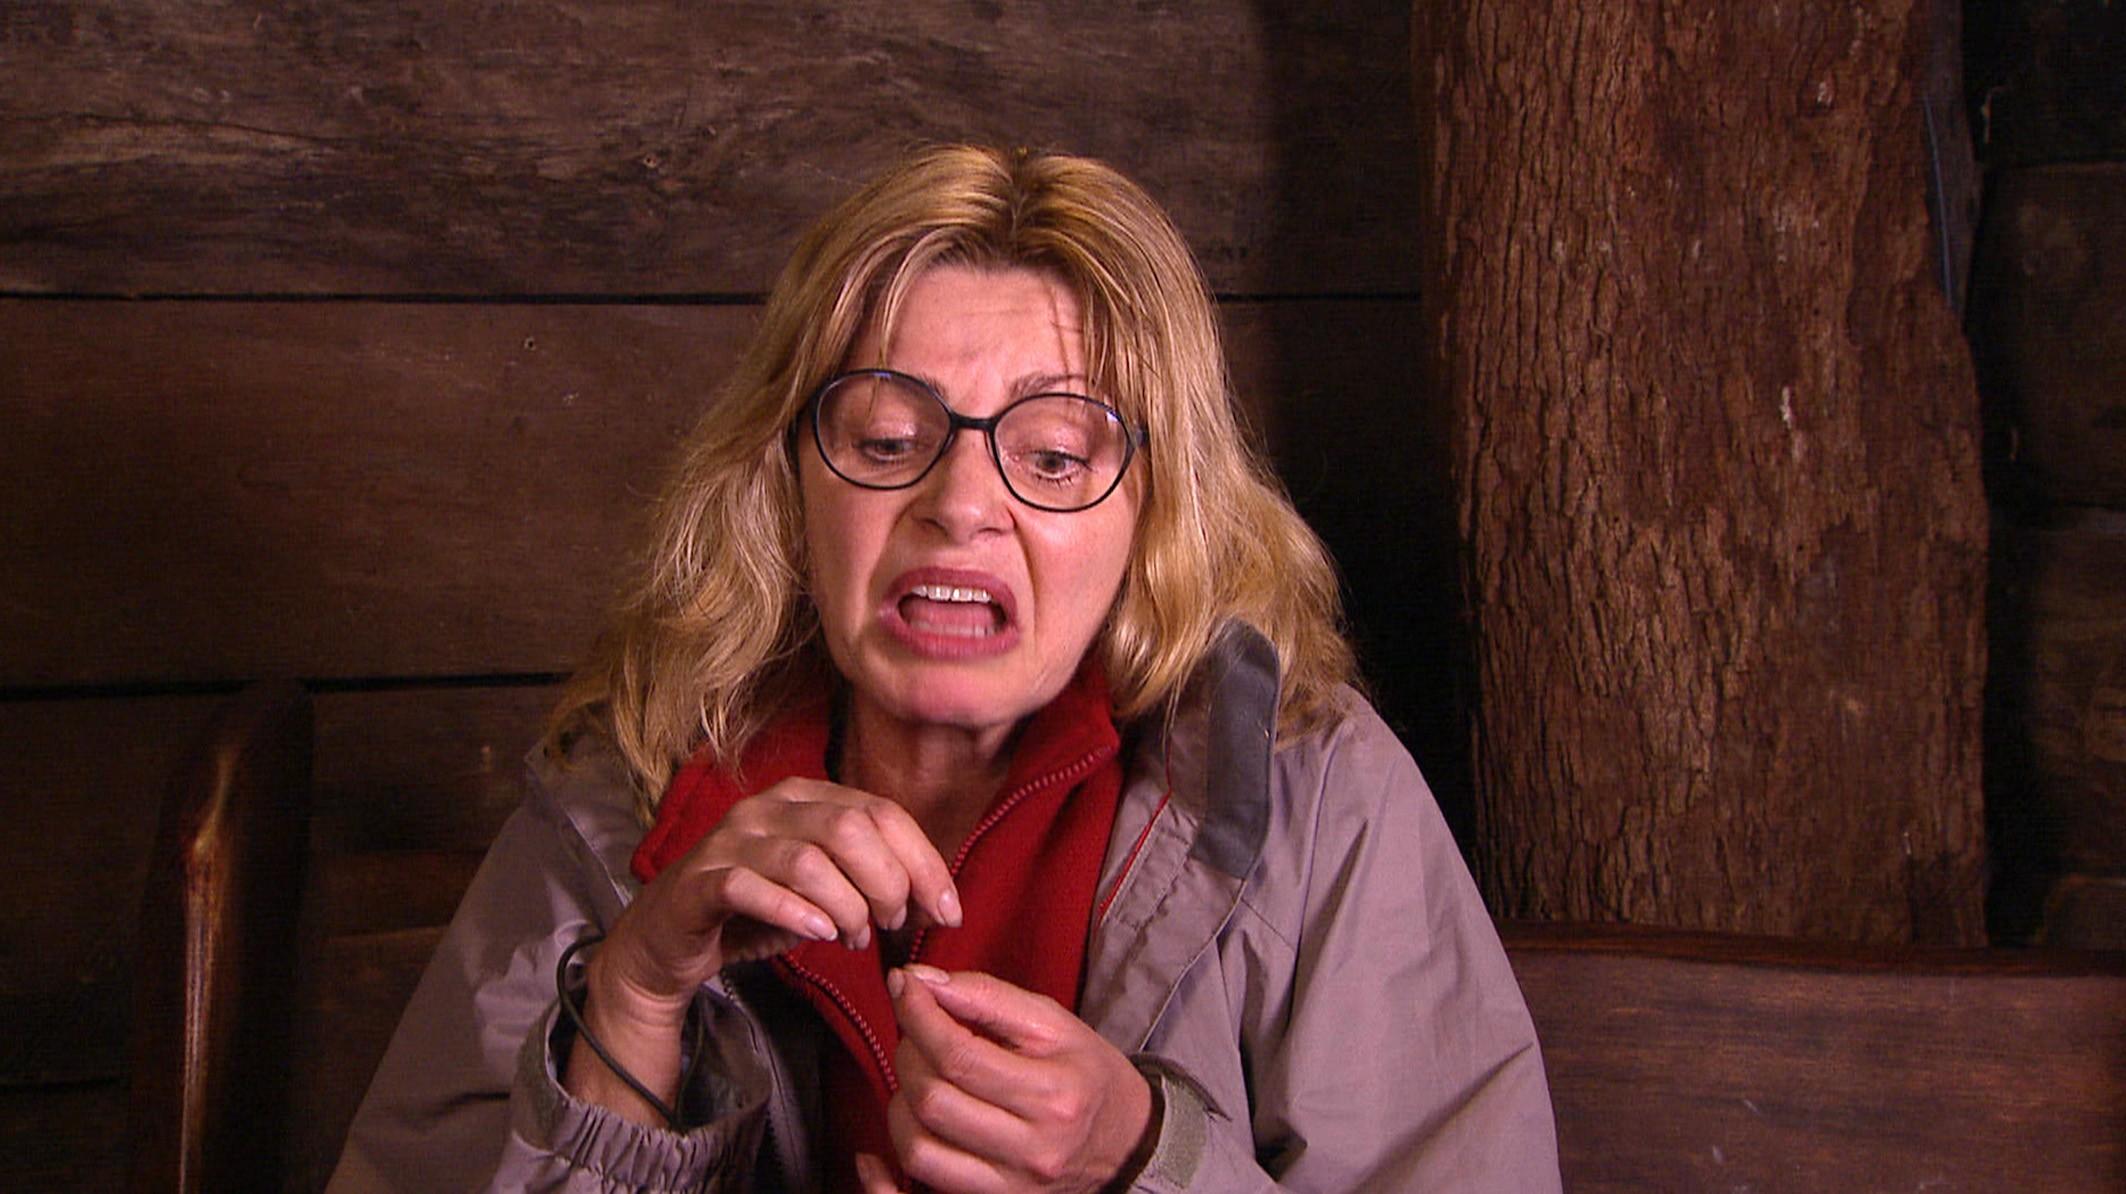 Maren Gilzer äfft Angelina Heger nach